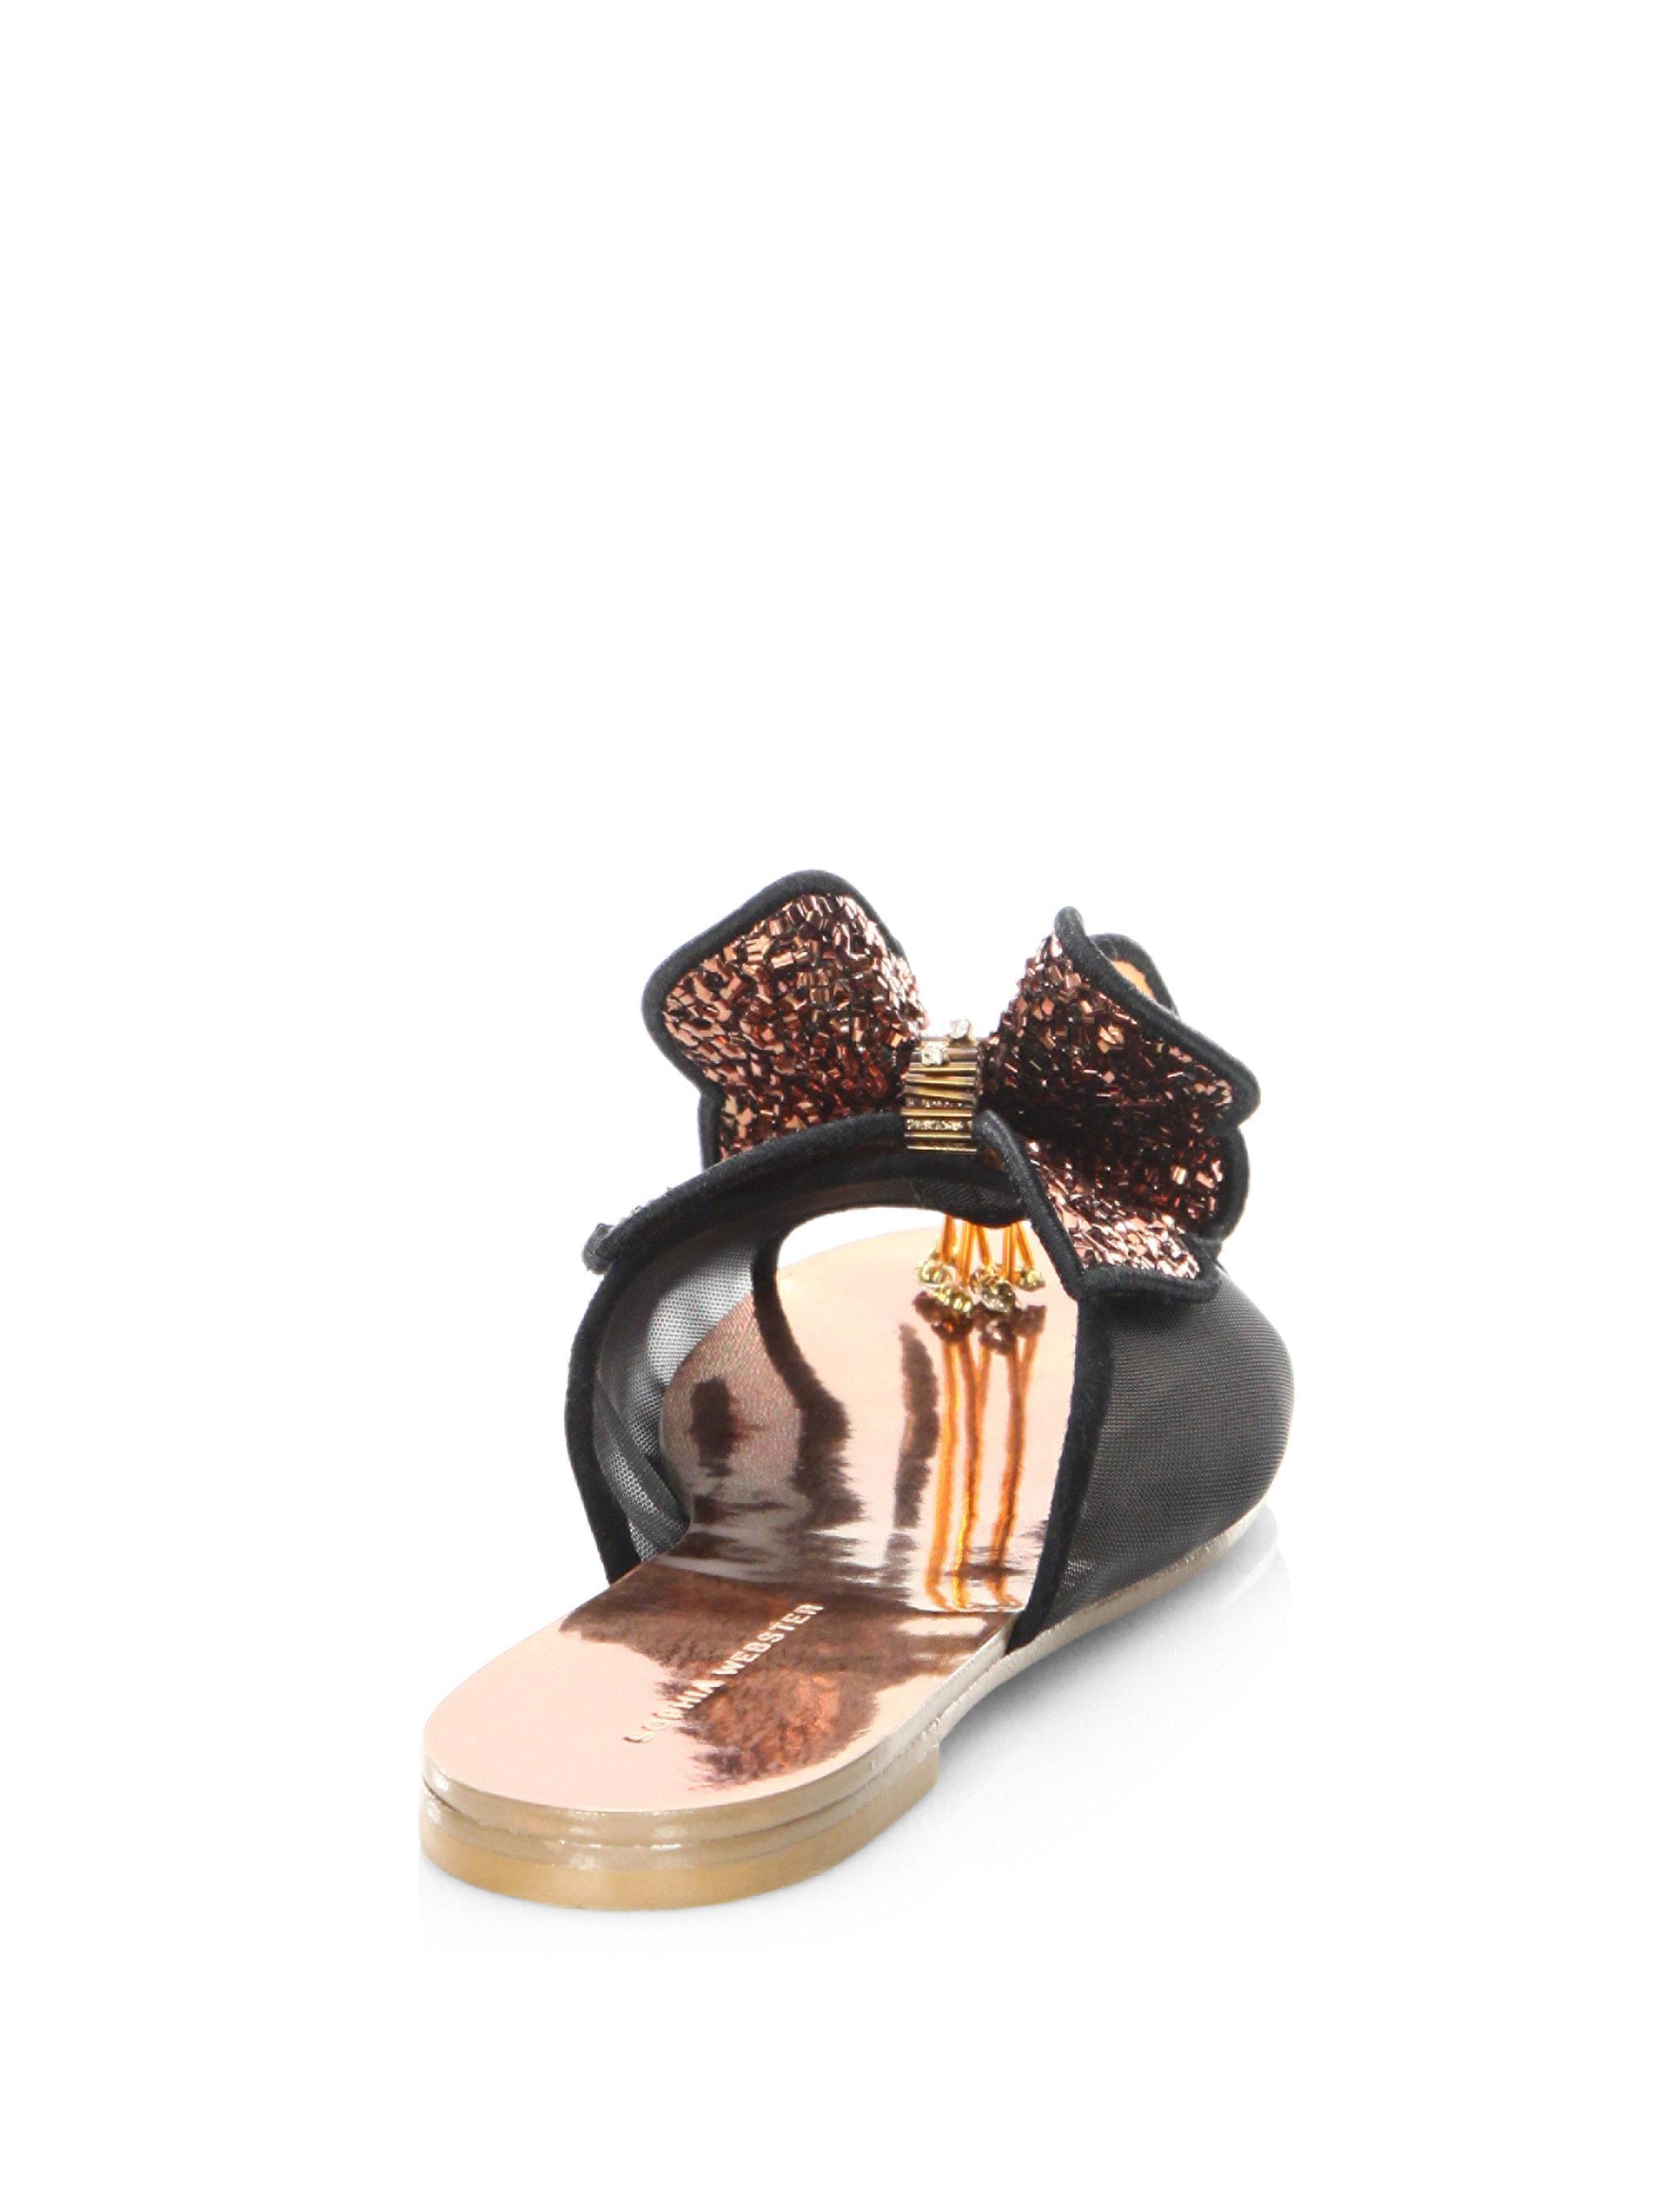 dee4e7a9e618 Sophia Webster Lana Butterfly Leather Slides - Lyst